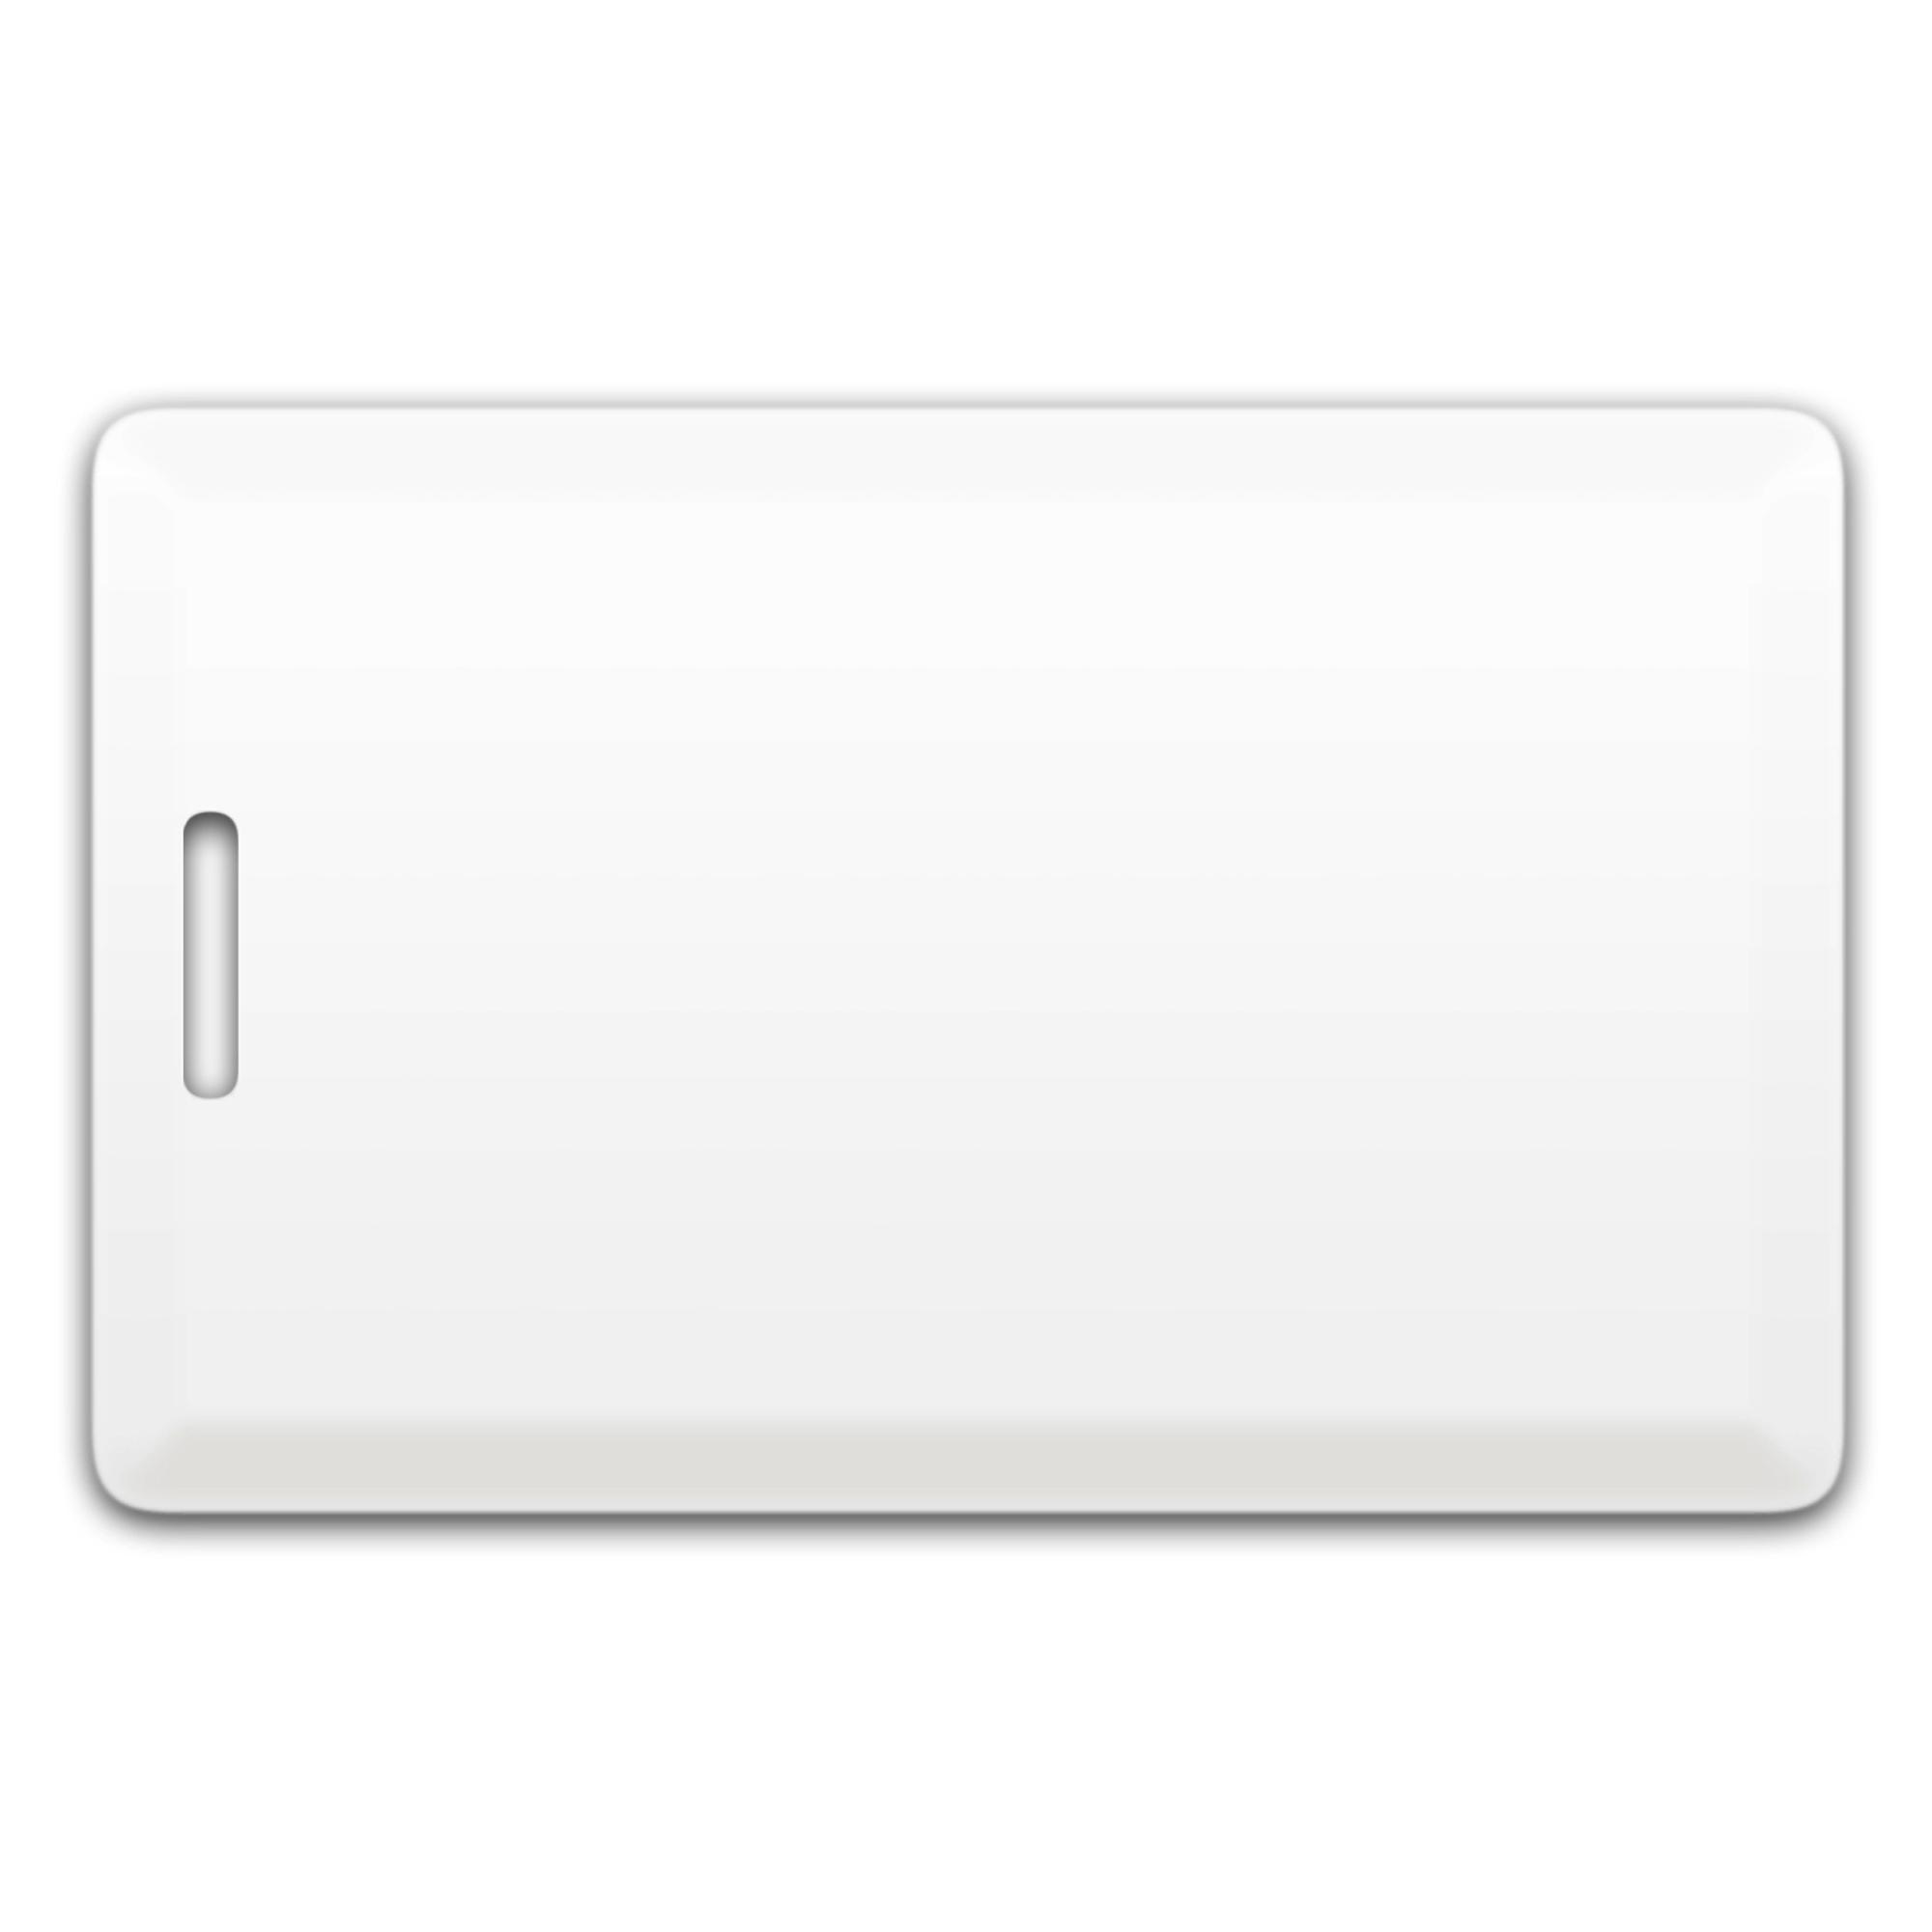 Бесконтактная пластиковая карта HID ProxCard 2 Clamshell с прорезью